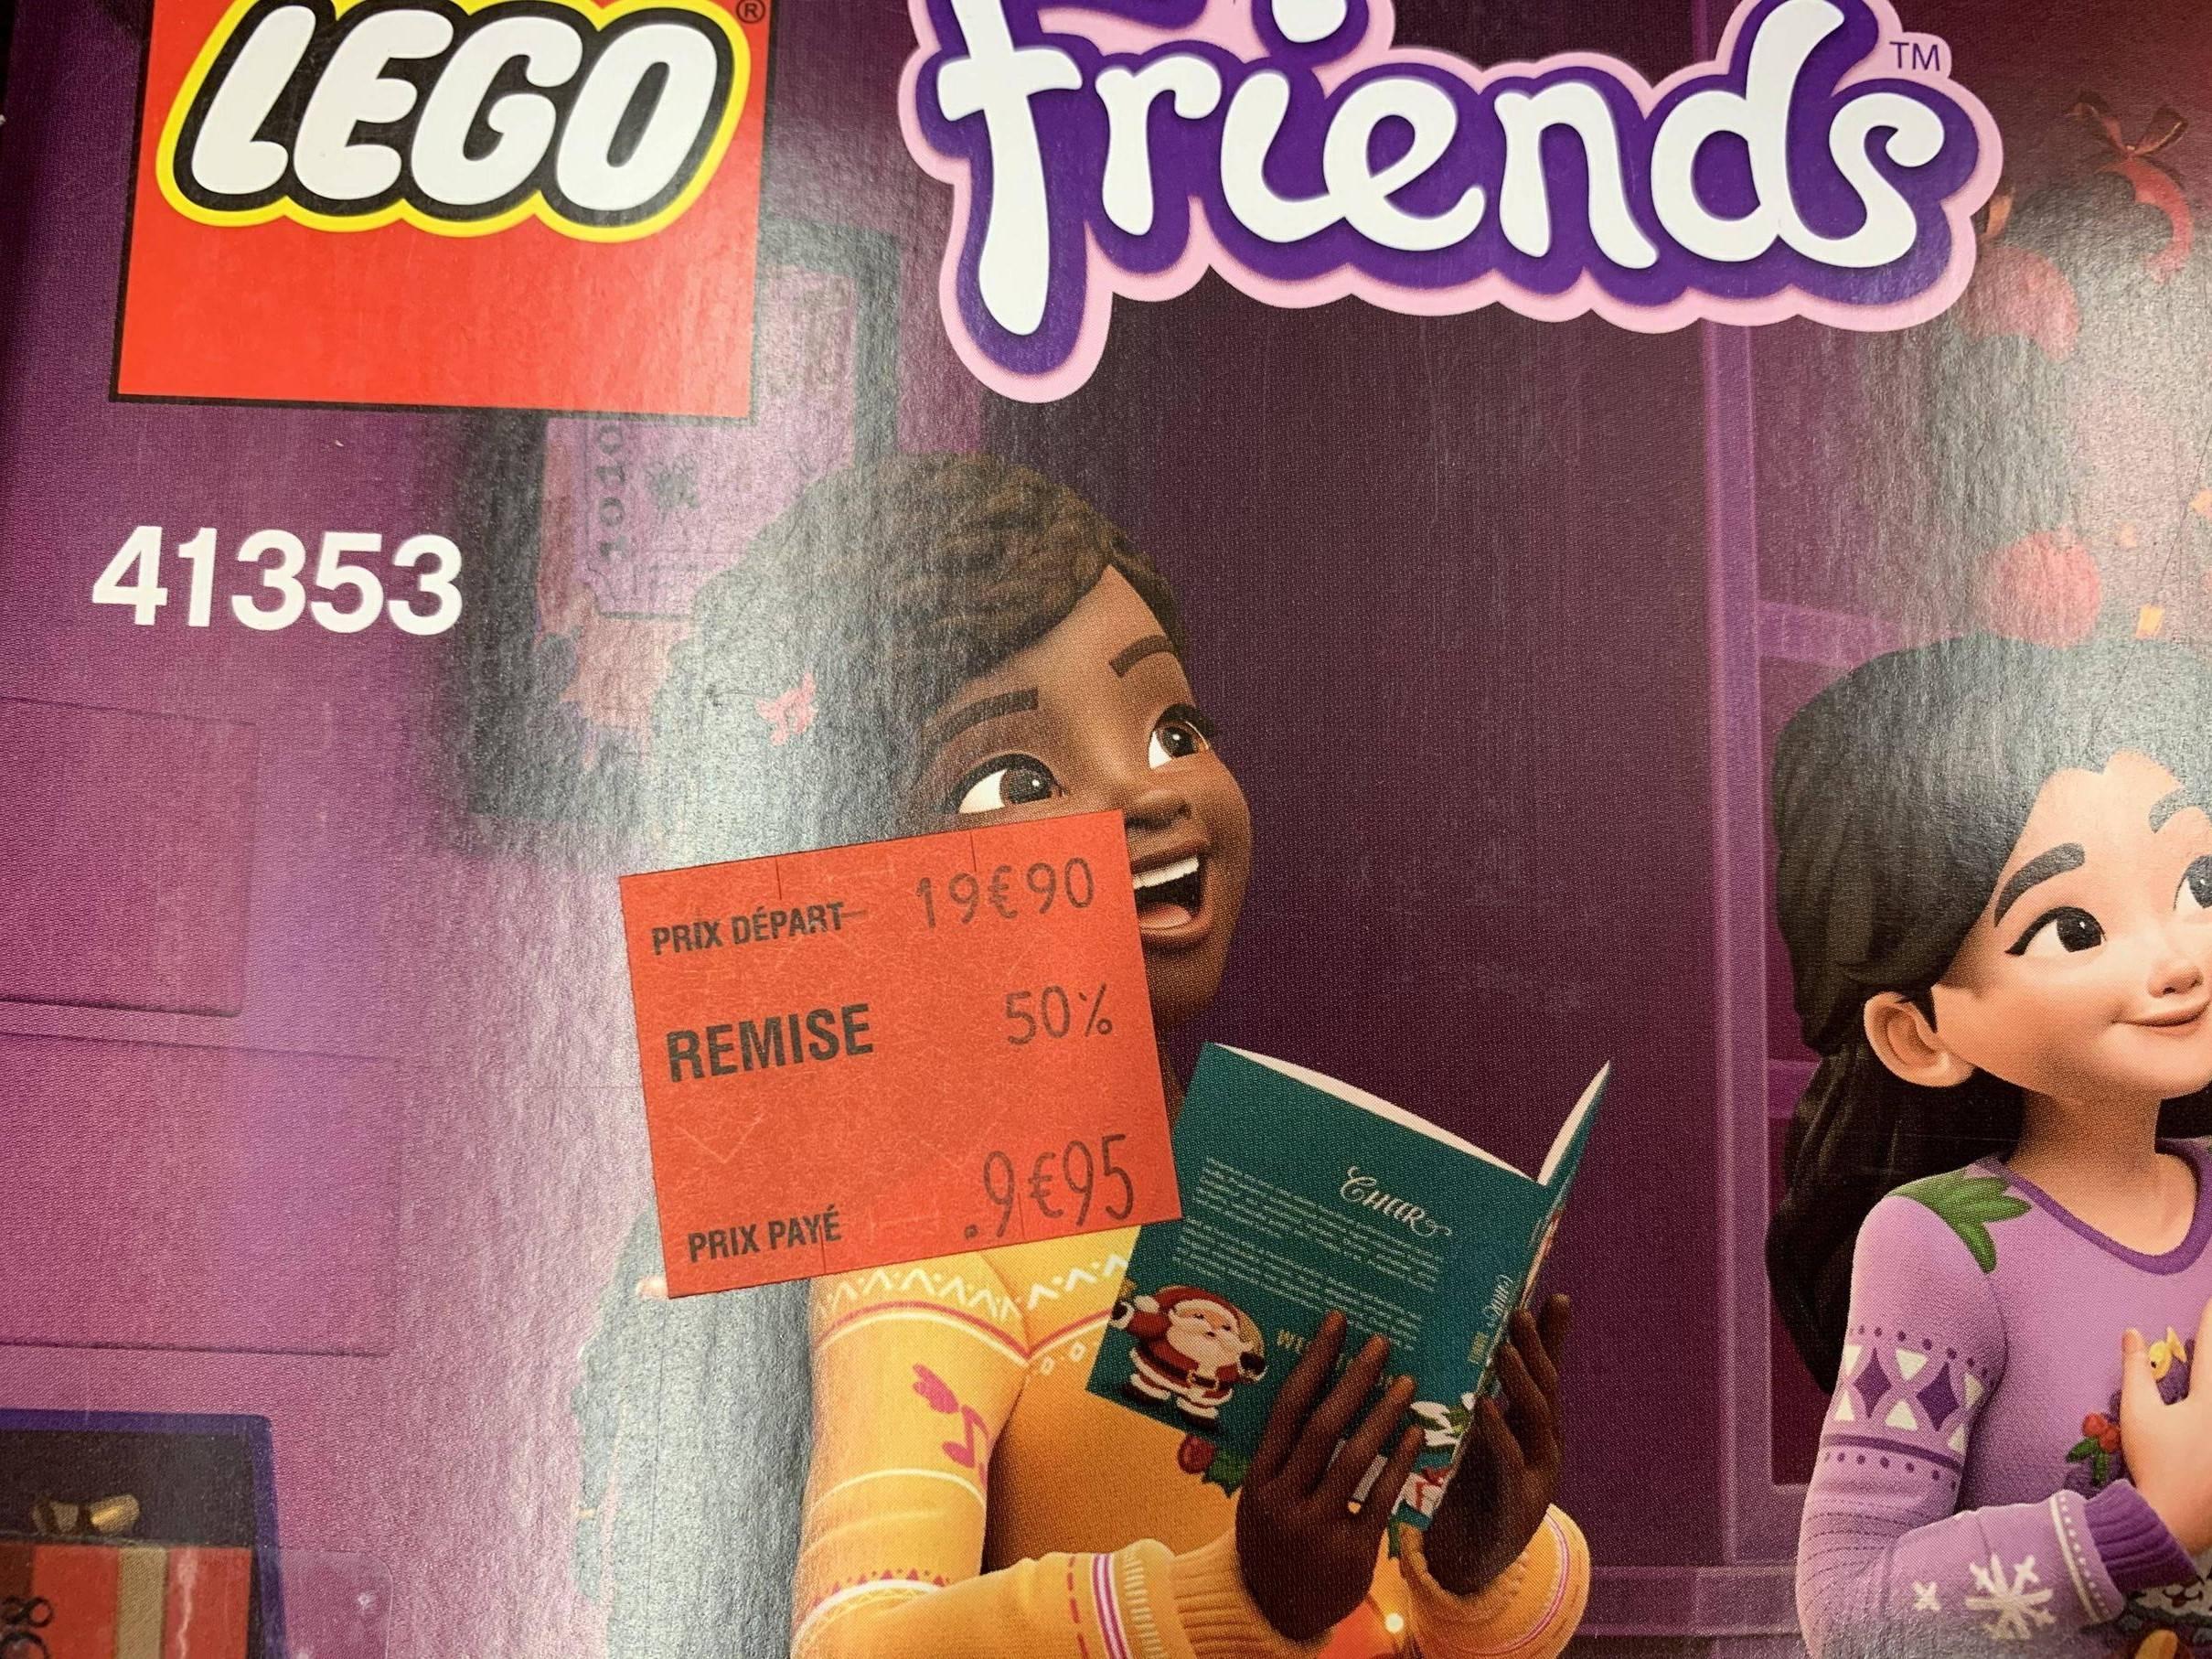 Calendrier de l'Avent Lego Friend's (41353) - Carrefour Vaulx-en-Velin (69)